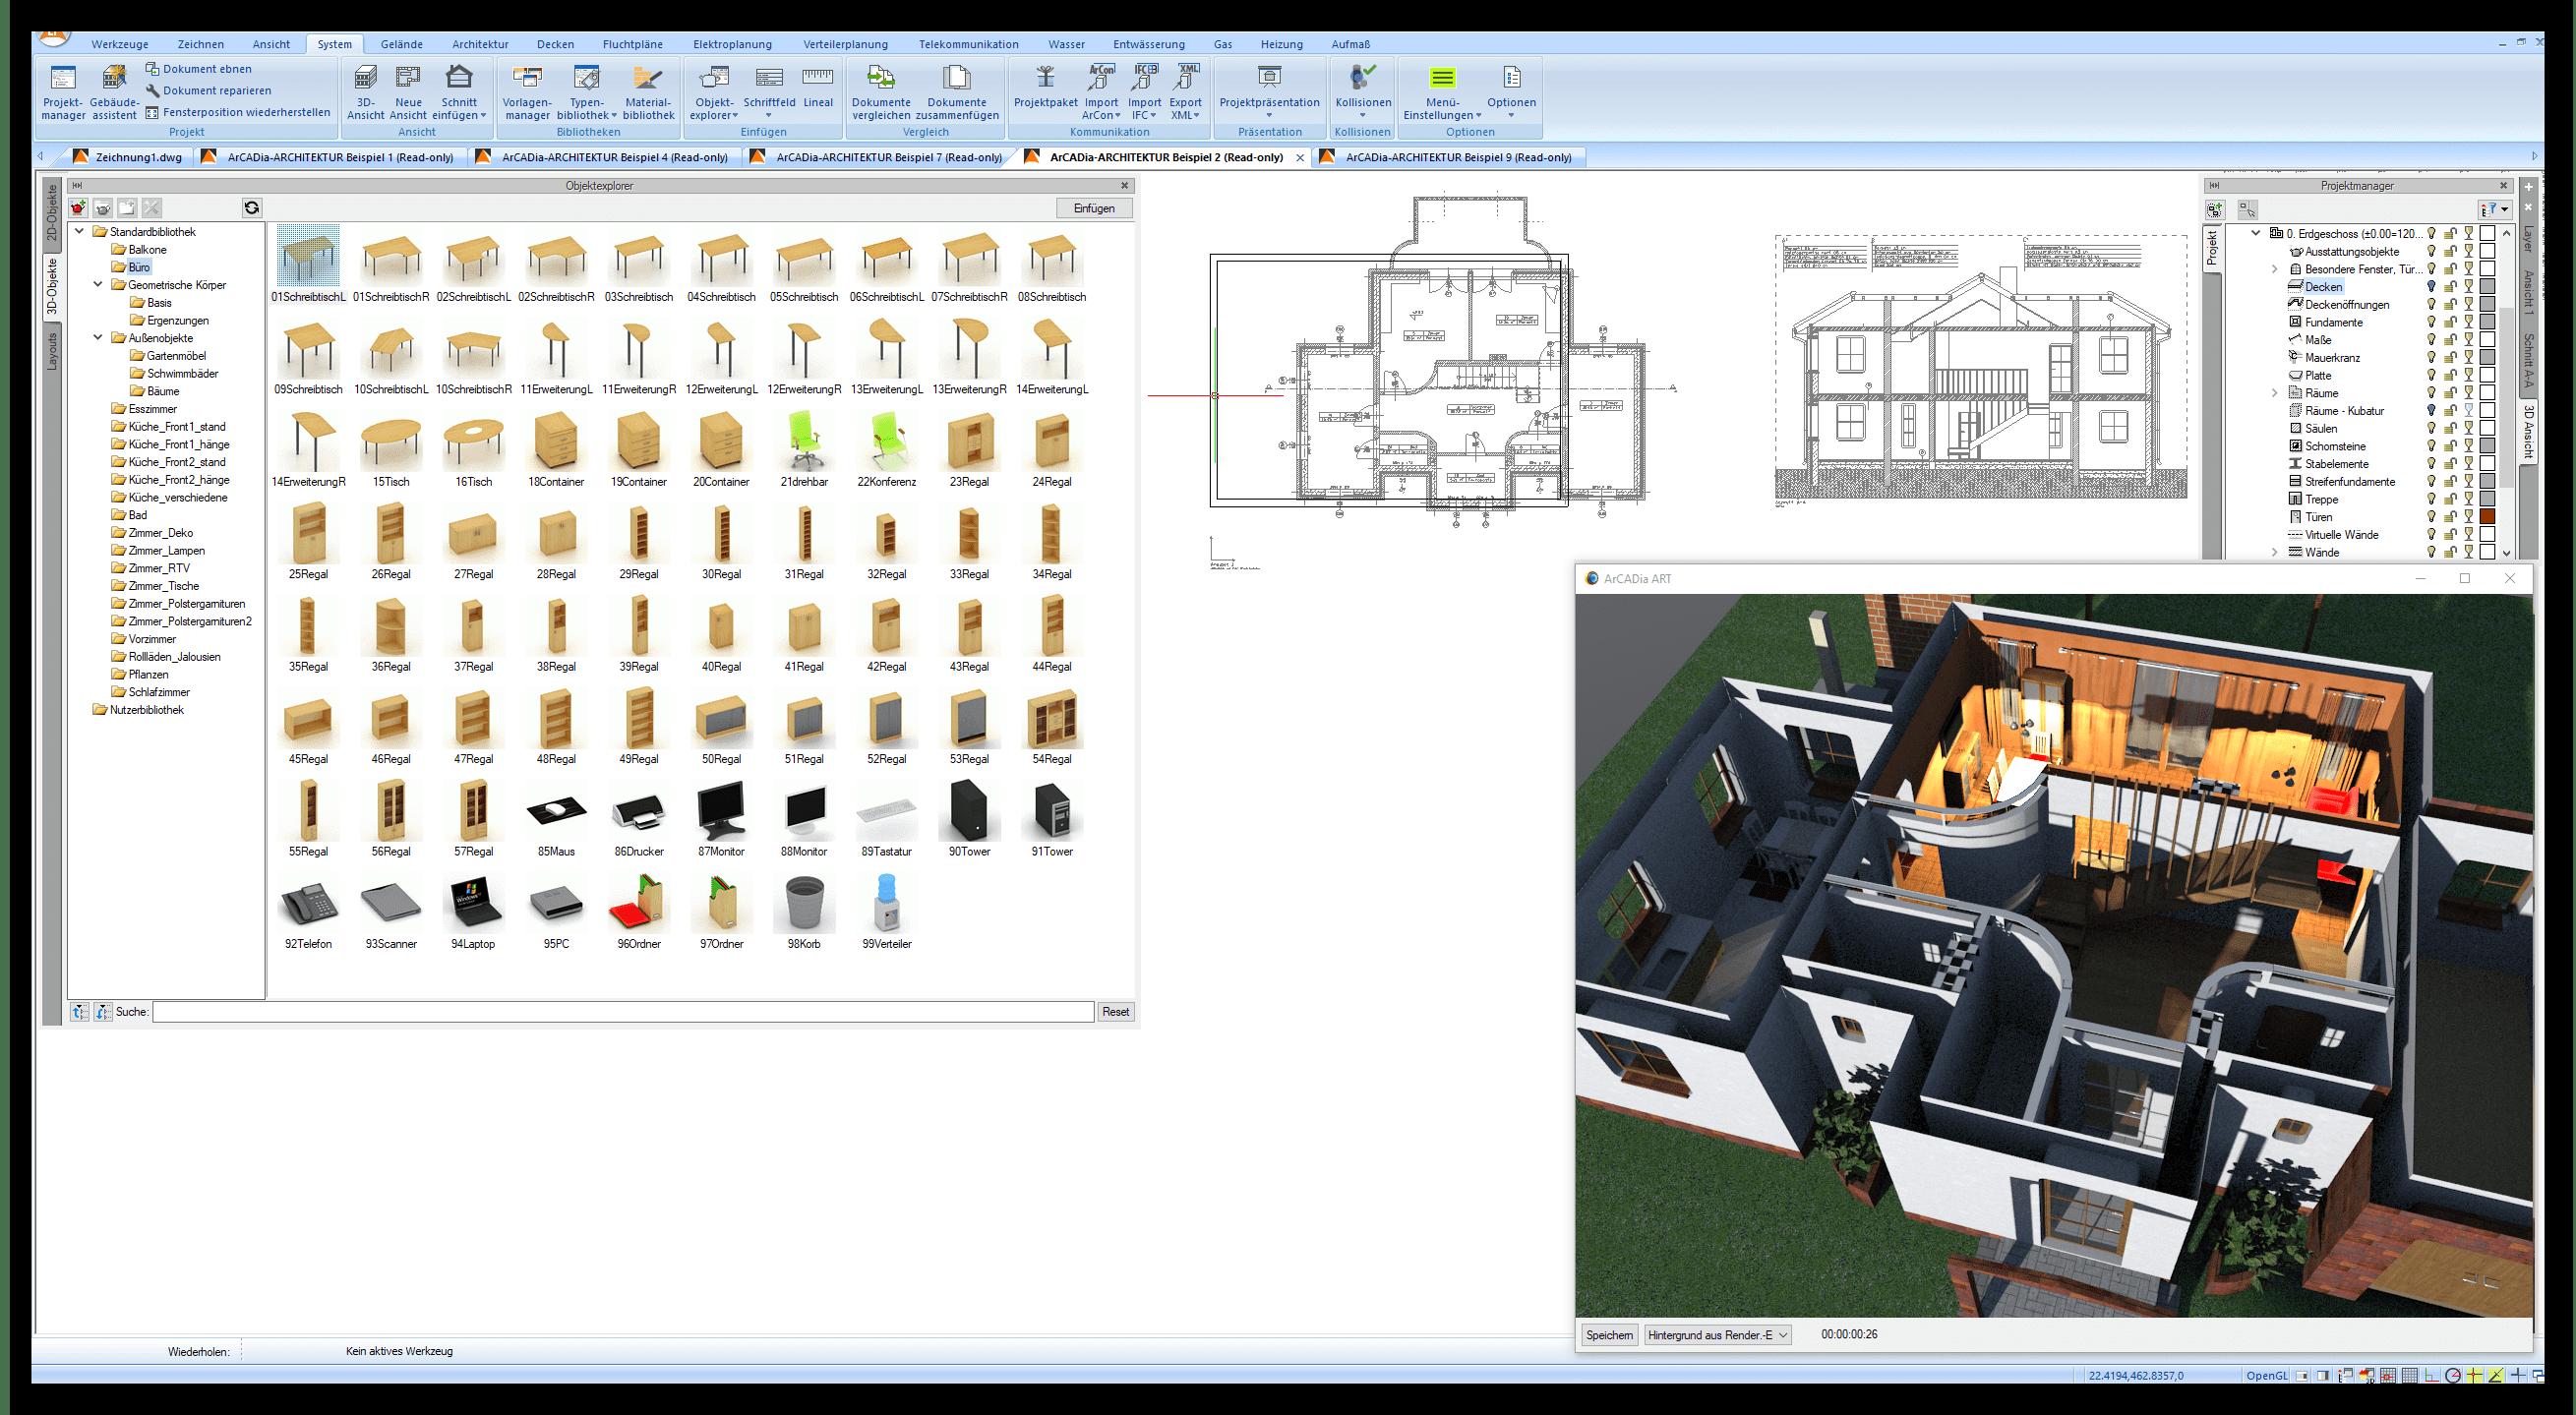 Datenbänke für Objekte und Material